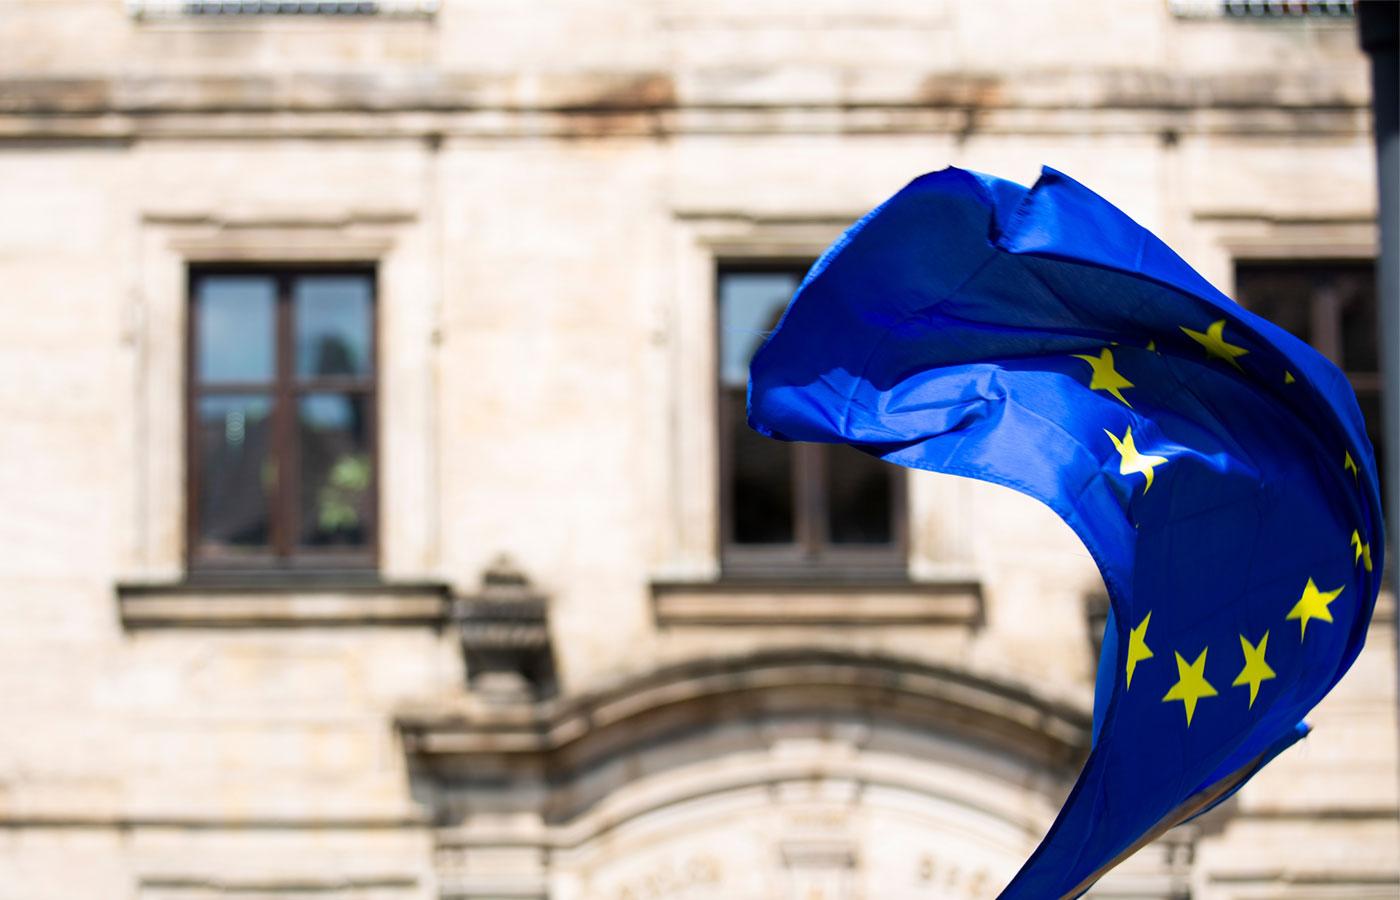 🇪🇺 Україна потрапила до переліку країн, яким можуть дозволити в'їзд до ЄС